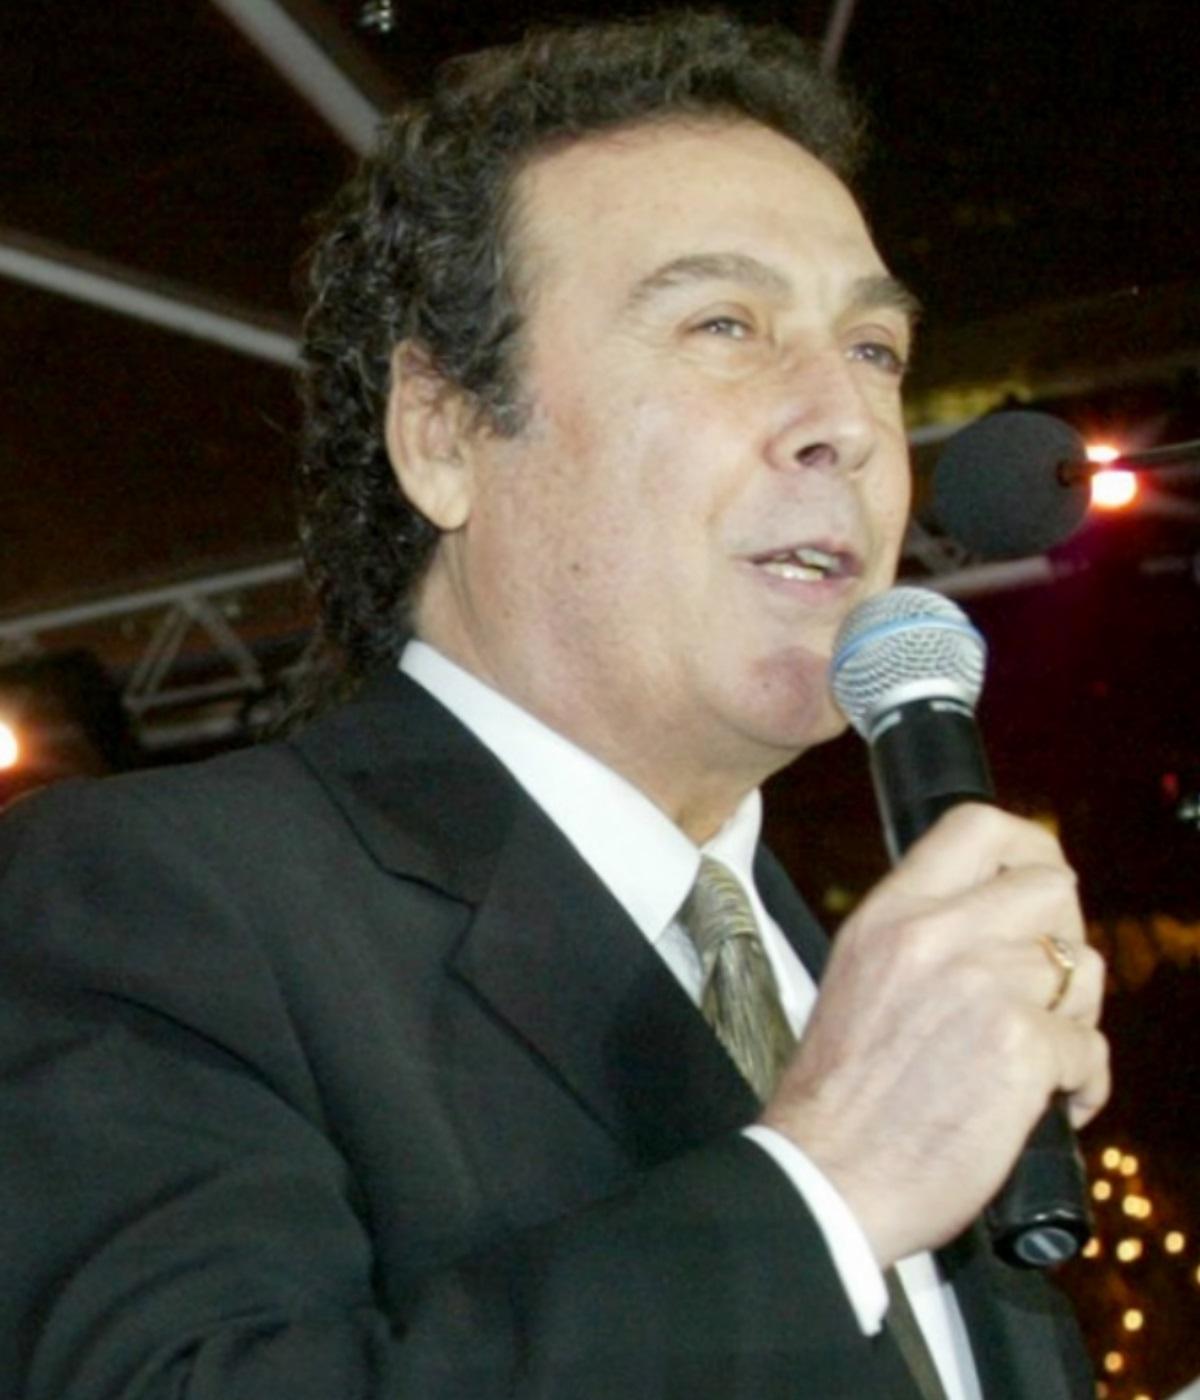 Τόλης Βοσκόπουλος: Το σκάνδαλο με την «κόρη» του που τον σημάδεψε